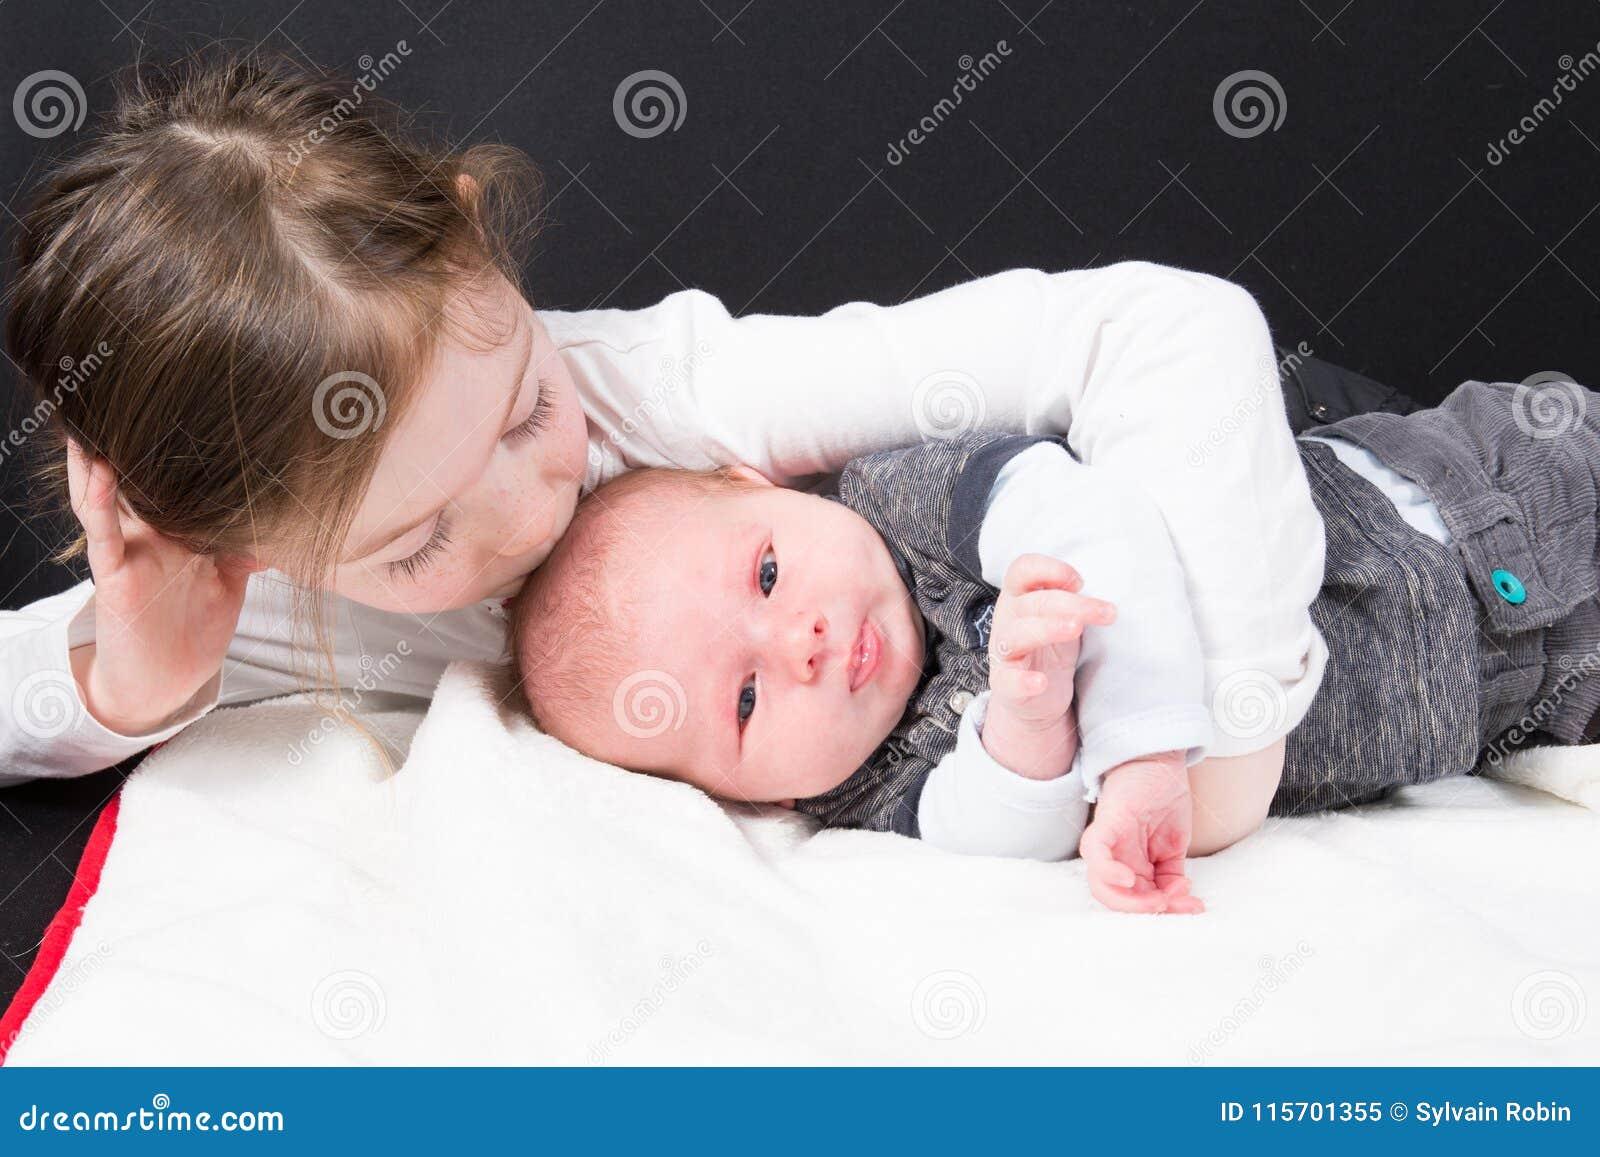 Siostra całuje jego młodszego brata dziecka berbecia dziewczyny nowonarodzonej chłopiec w pojęciu życie rodzinne i